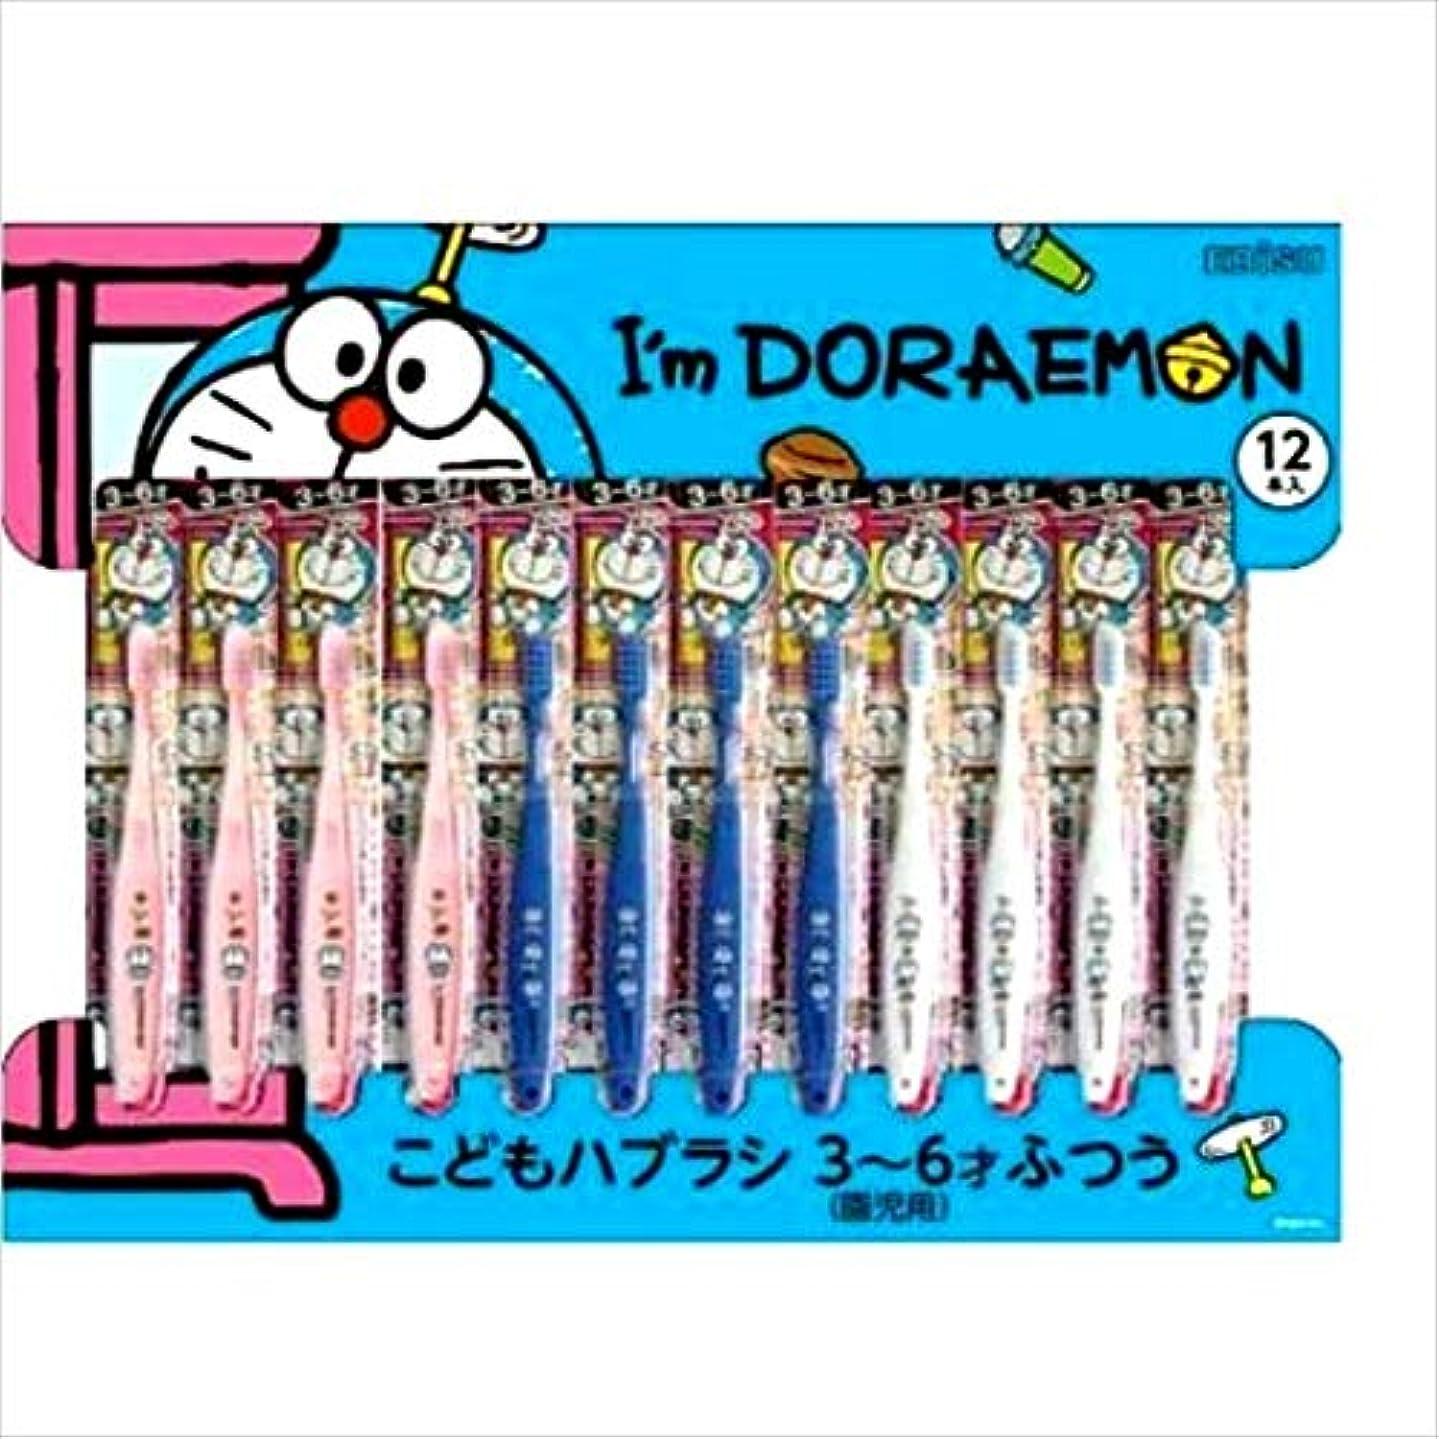 誓い究極の北極圏I'M DORAEMON 子供用 歯ブラシ 12本入り